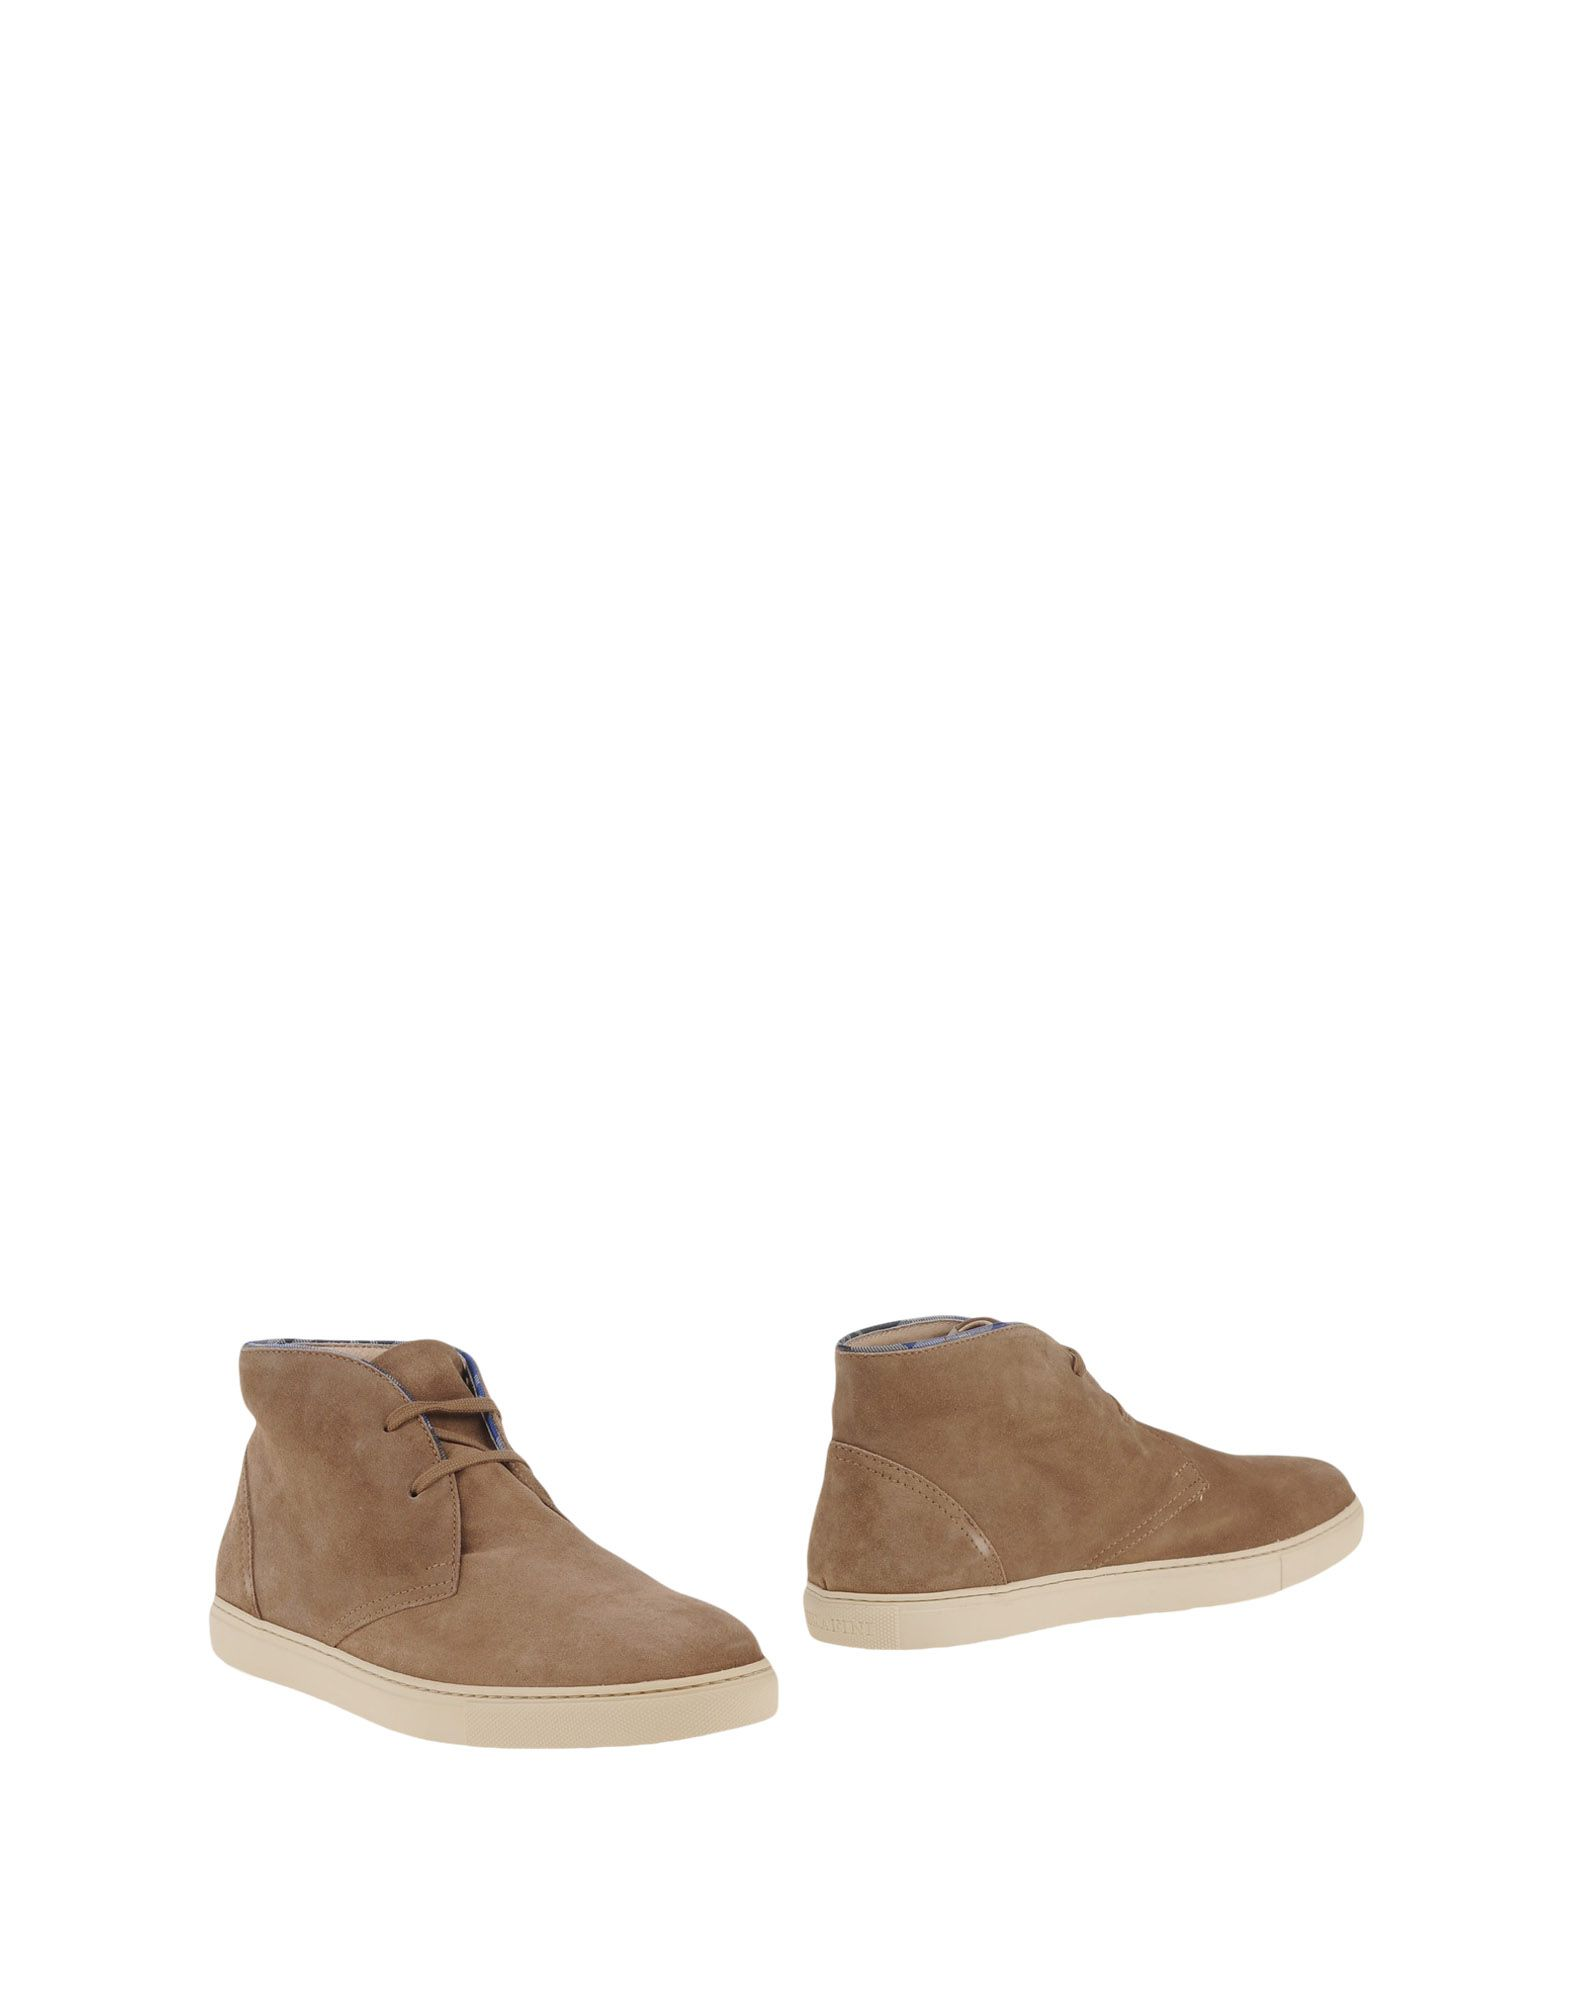 Rabatt echte Schuhe Serafini Times Stiefelette Herren  11043064NC